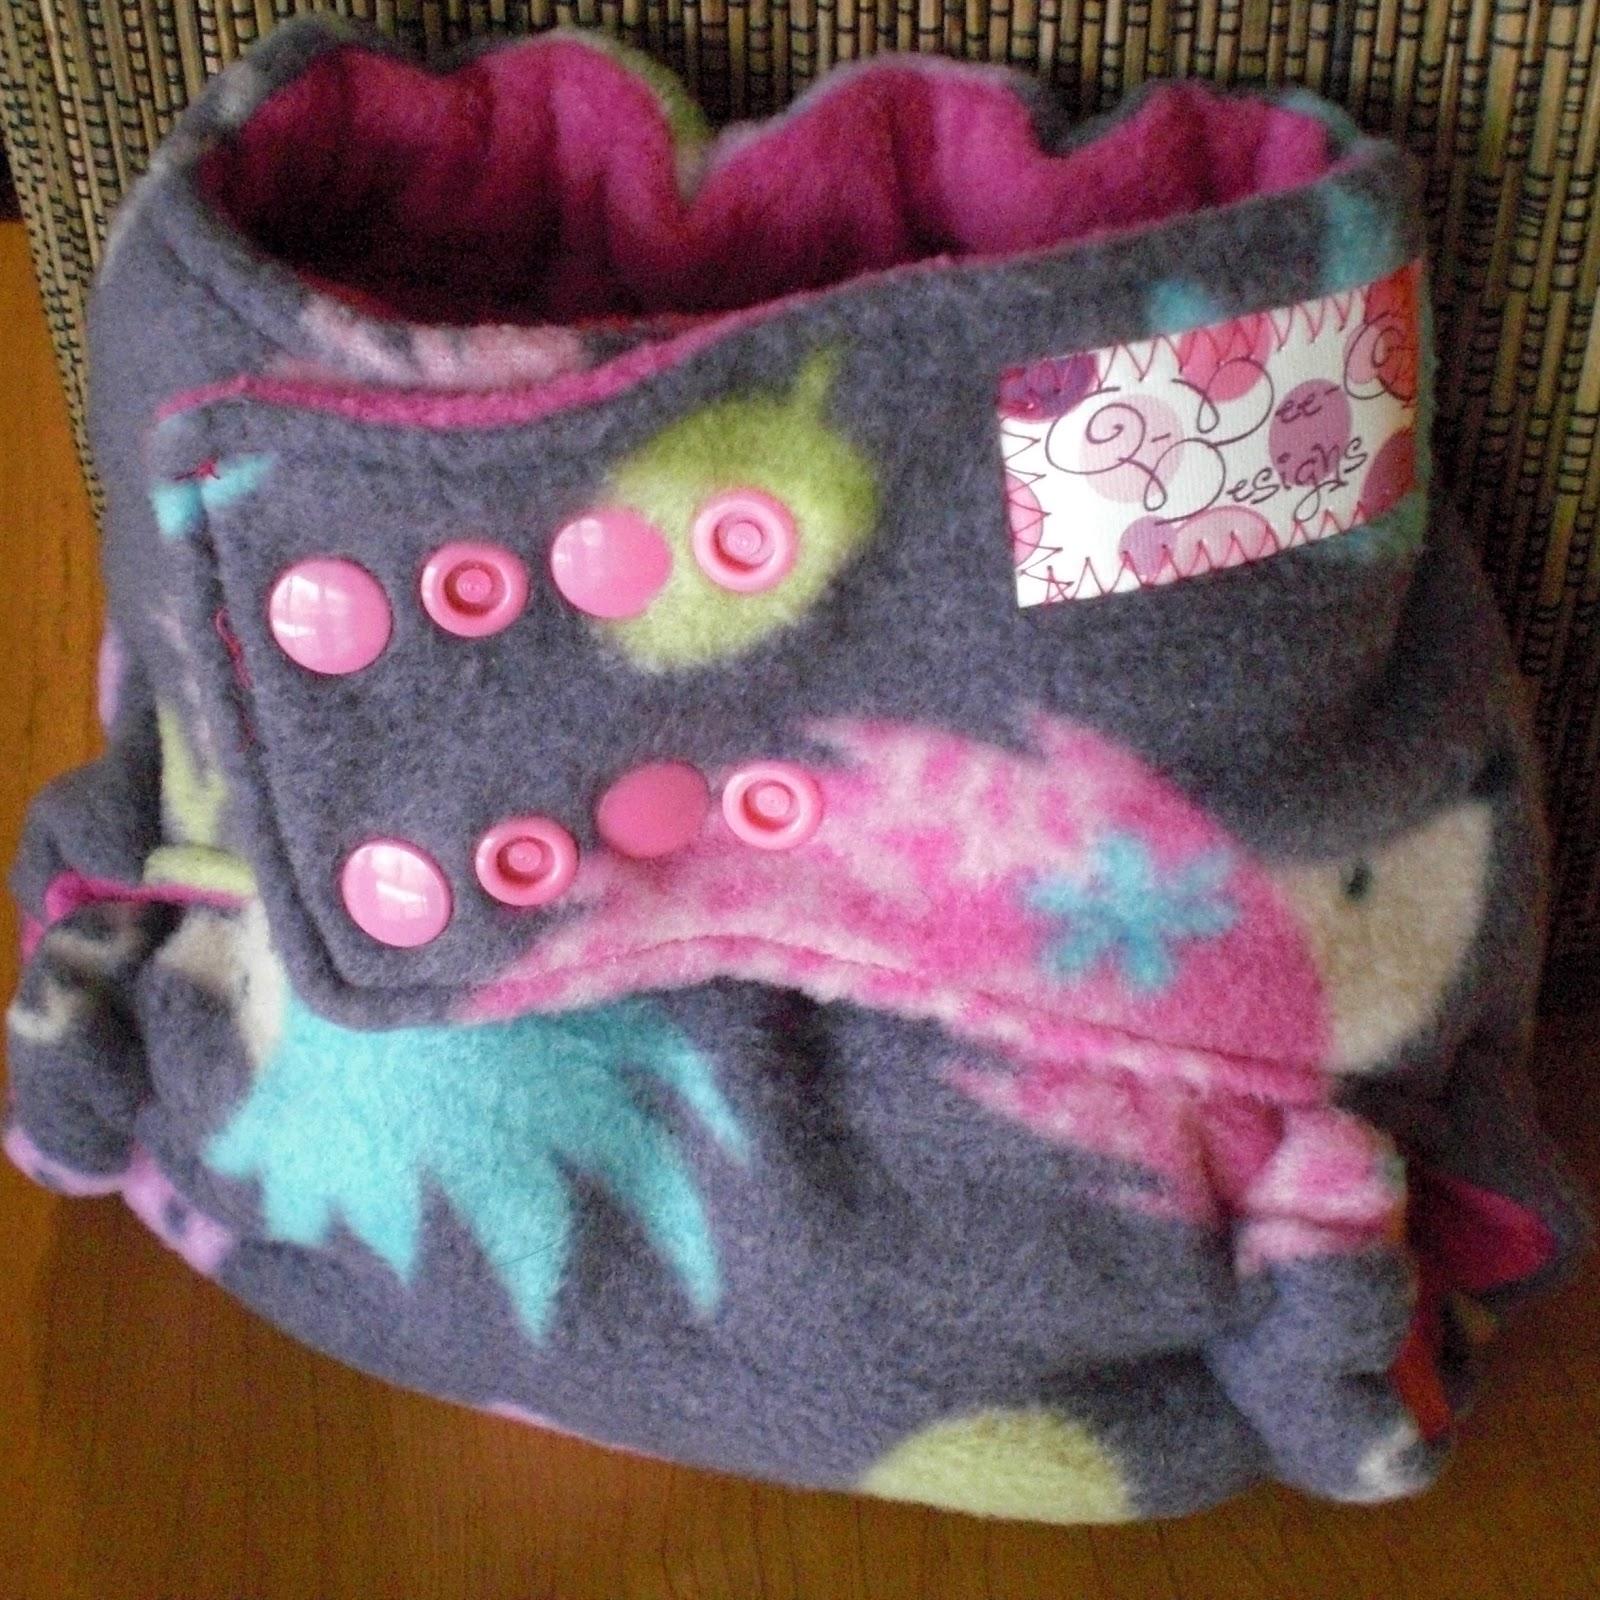 Cloth Diaper Addiction O Dee O Designs